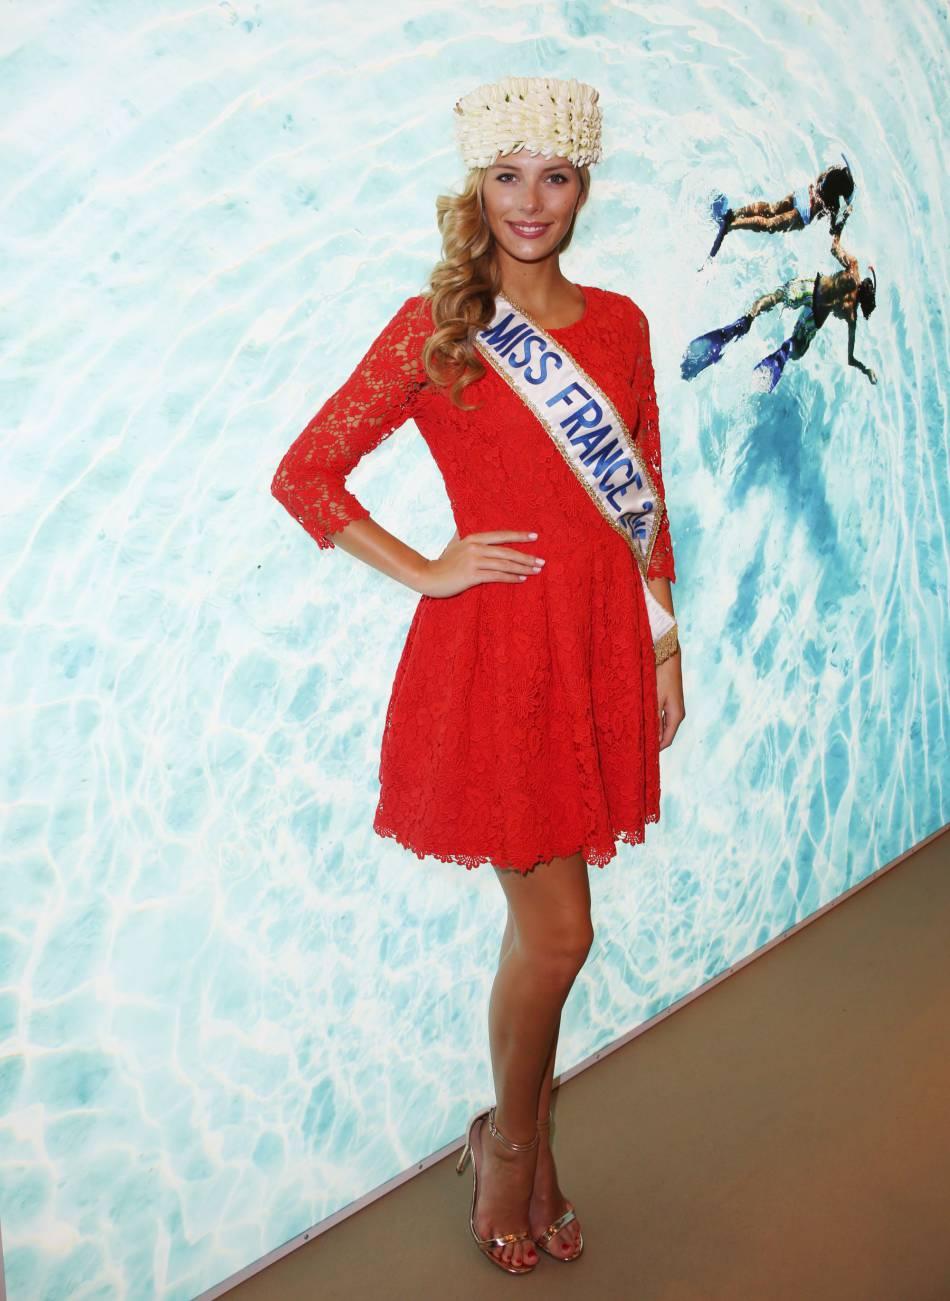 Camille Cerf rendra sa couronne de Miss France le 19 décembre prochain. Elle va pouvoir relâcher la pression !